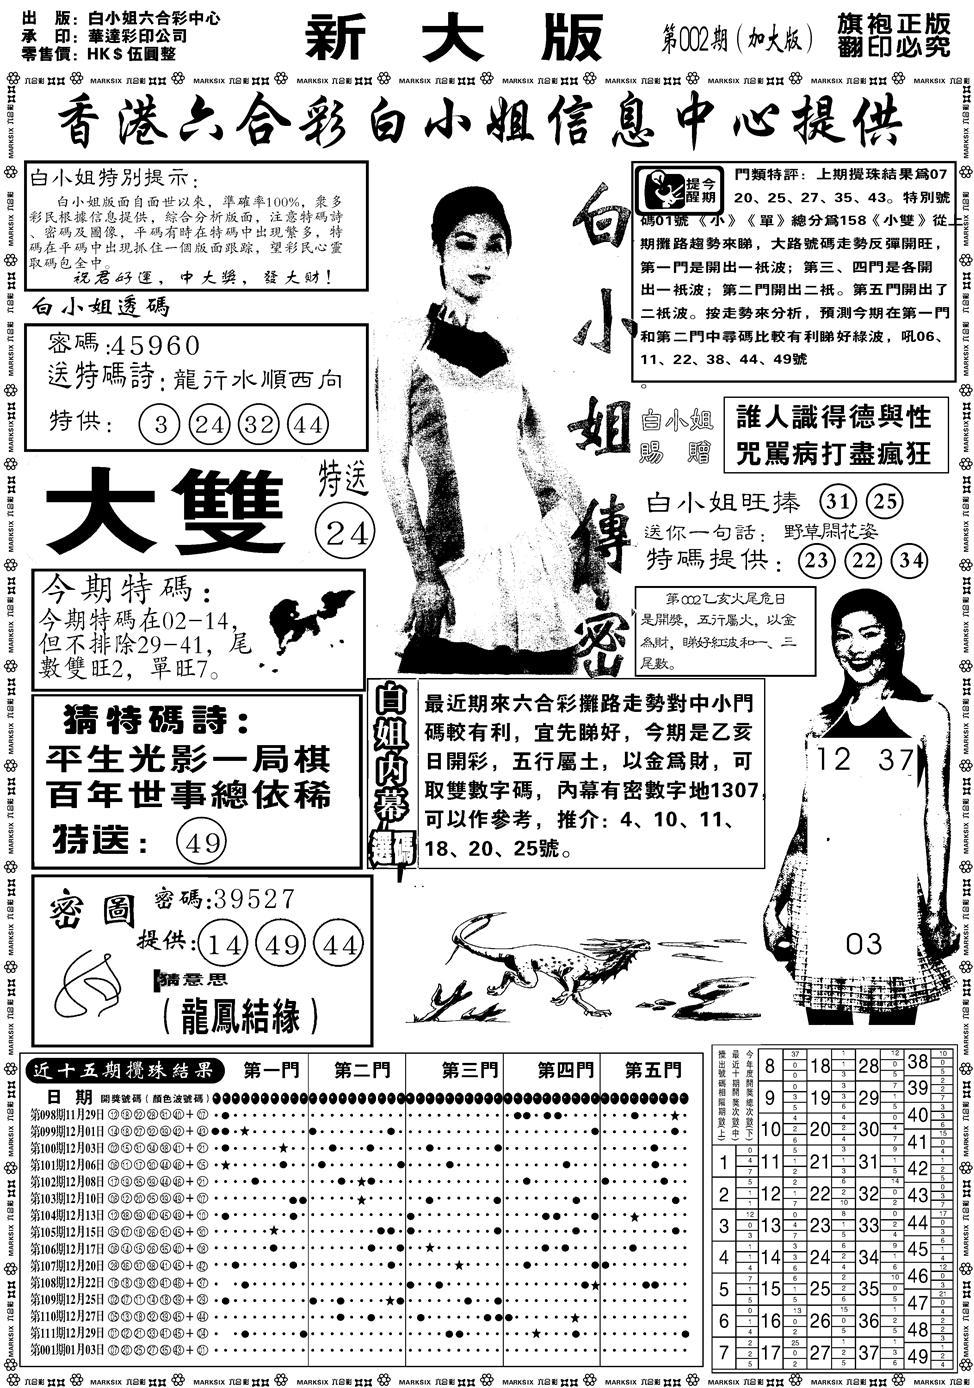 002期白小姐祺袍A加大版